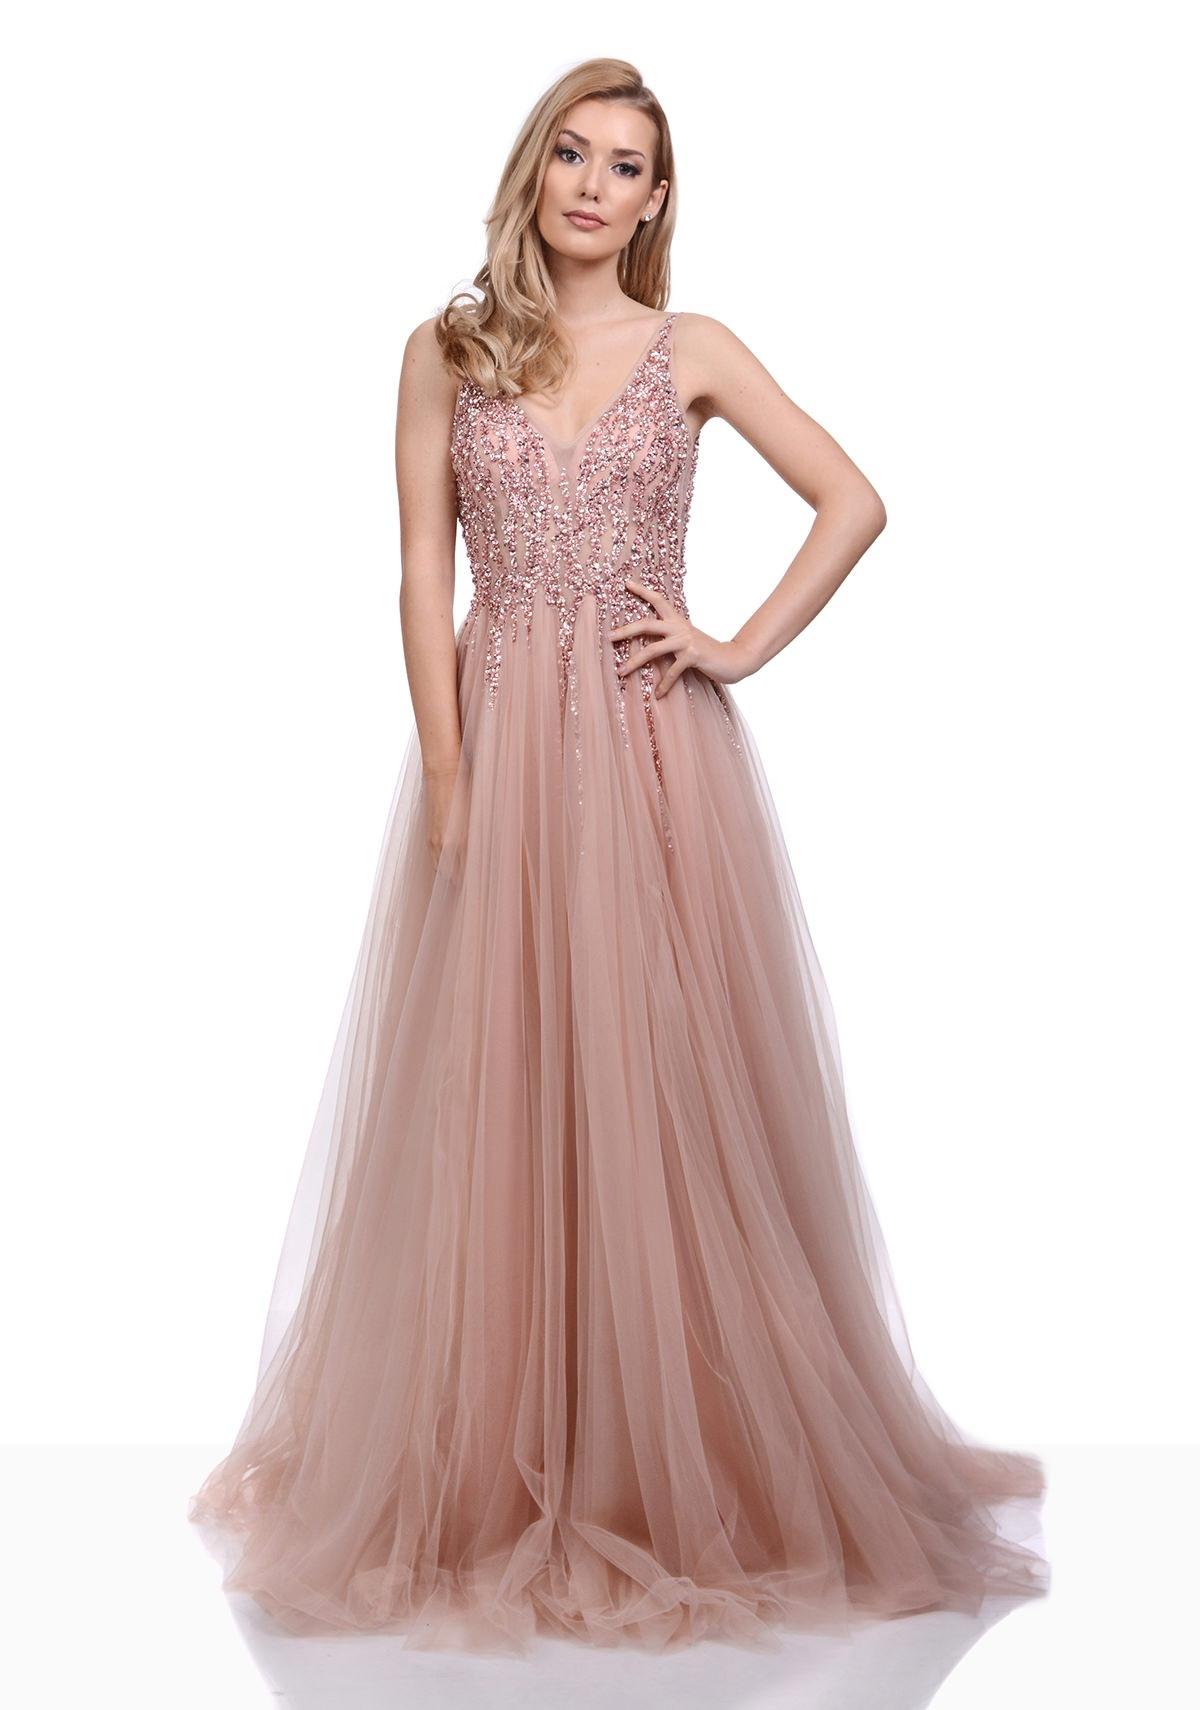 20 Luxurius Abendkleider Glitzer Lang Design13 Kreativ Abendkleider Glitzer Lang Design